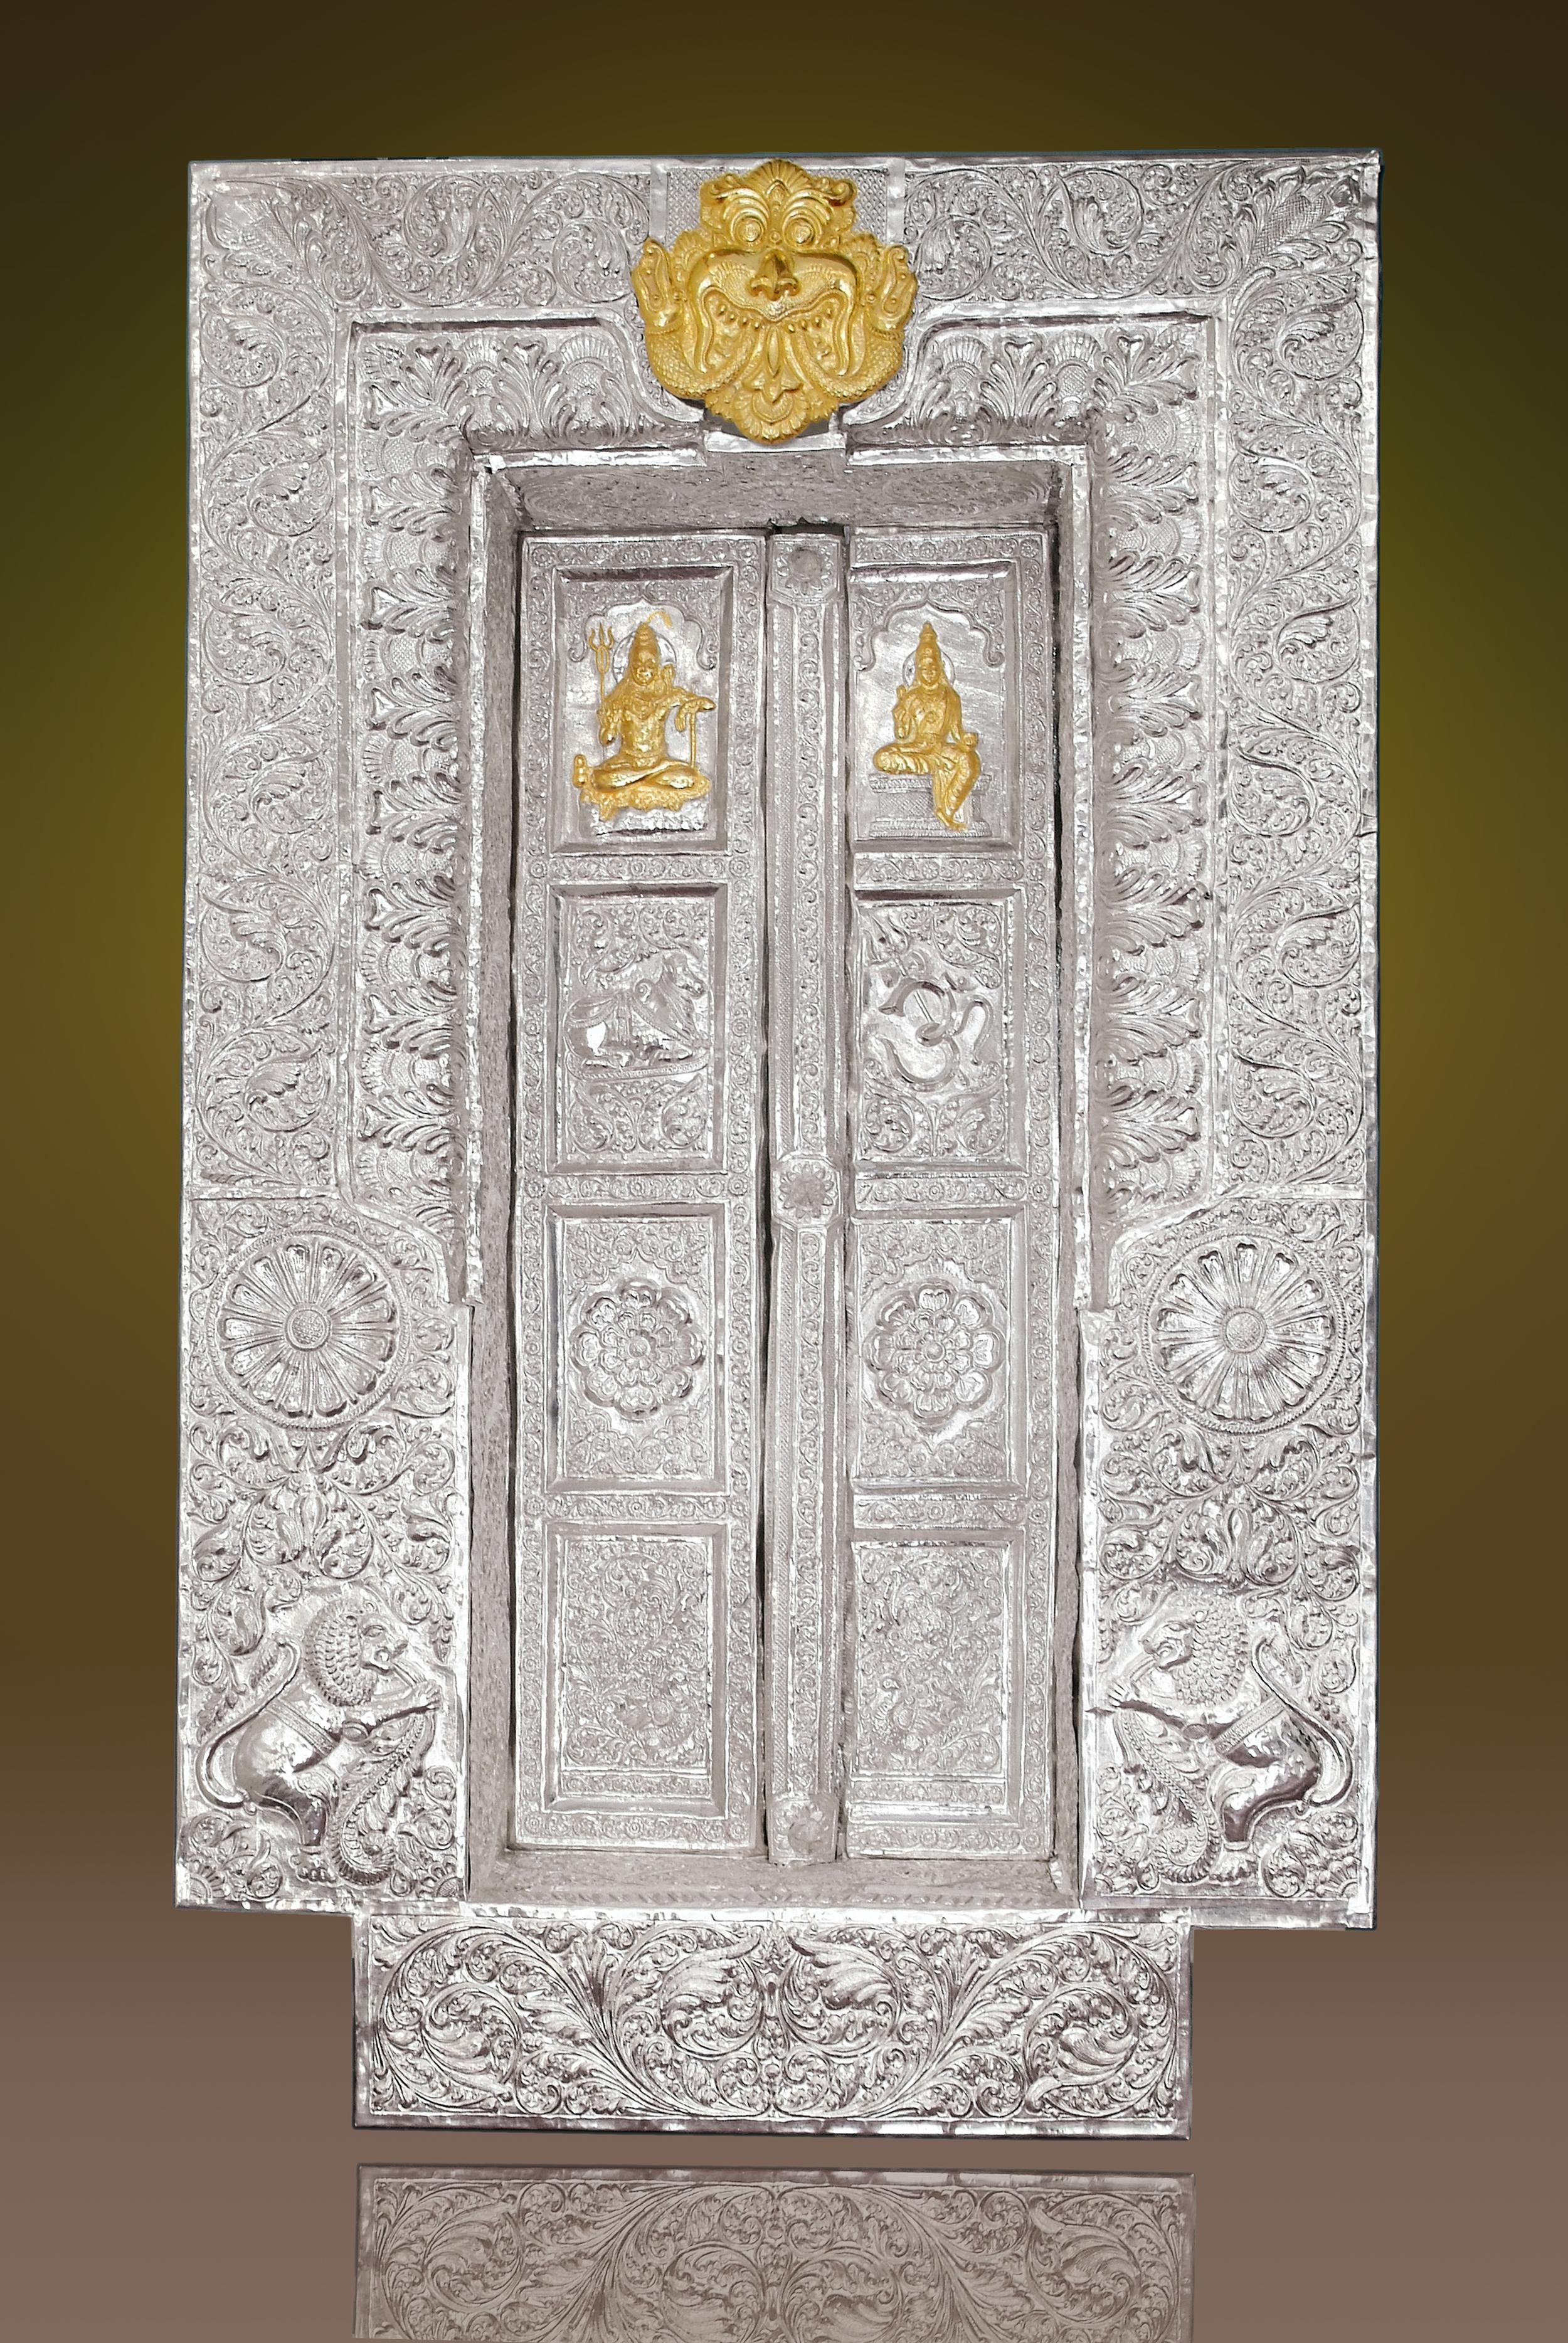 Rajata Dwara